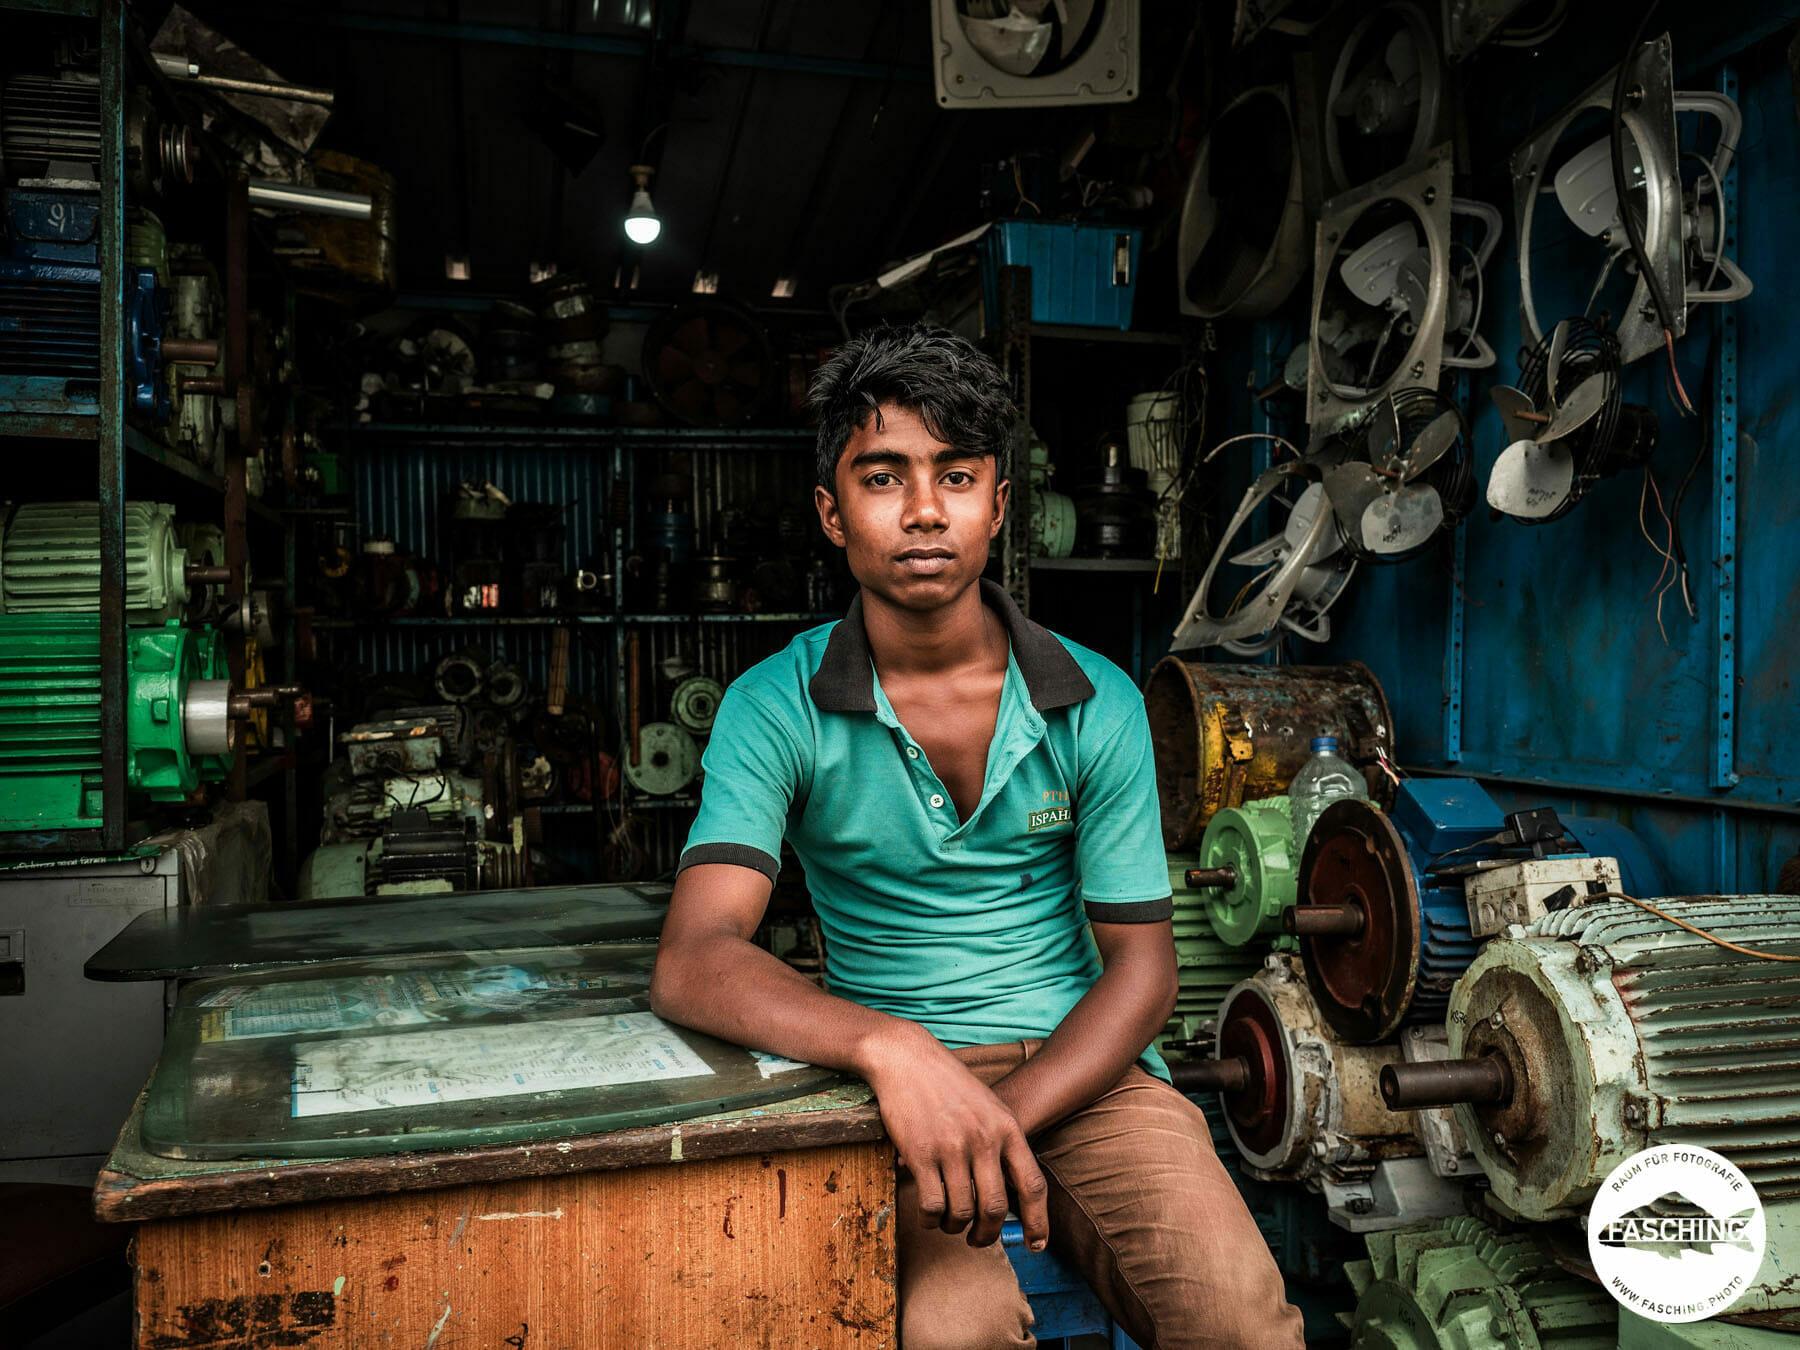 Reinhard und Luca Fasching reisten zusammen nach Bangladesh um eine Dokumentation über Shipbreaking in diesem Land zu fotografieren